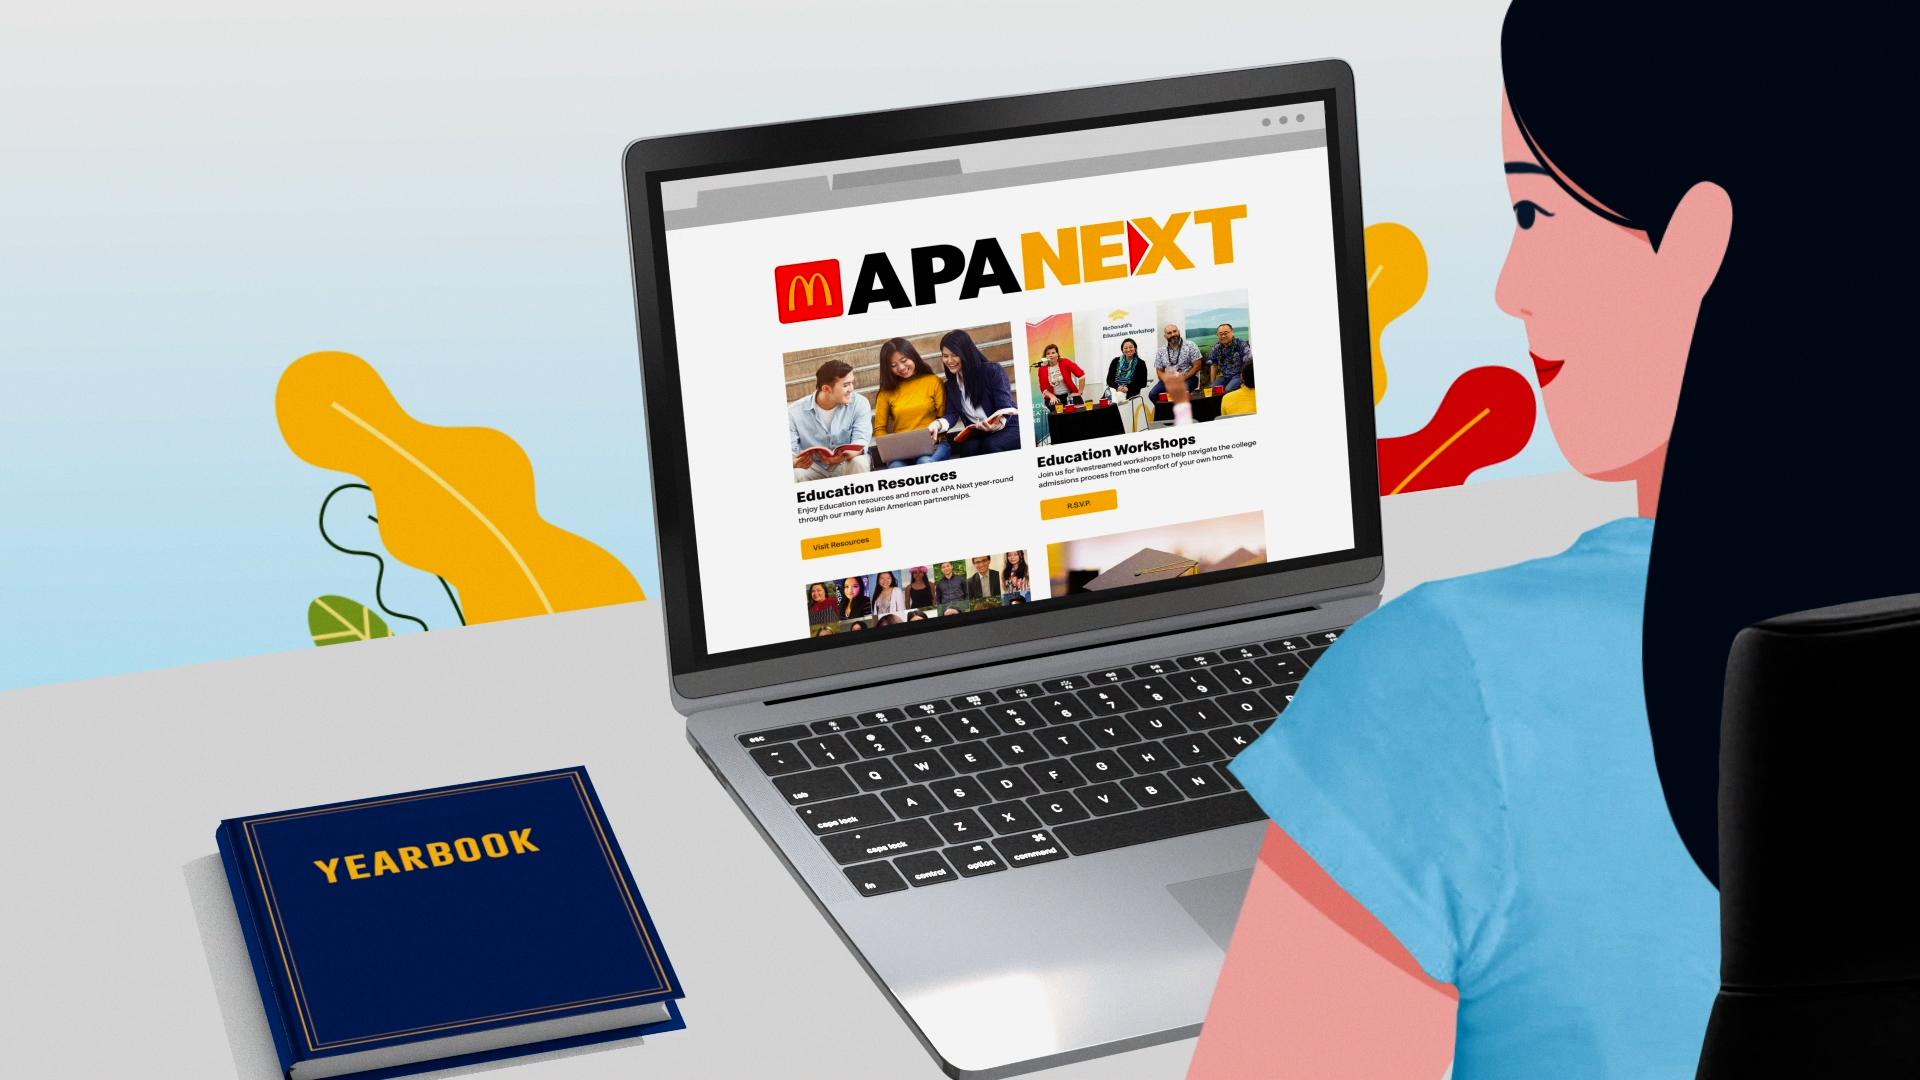 麥當勞堅持對教育的承諾,推出全新APA Next 計劃, 提供亞裔學生邁向成功的工具